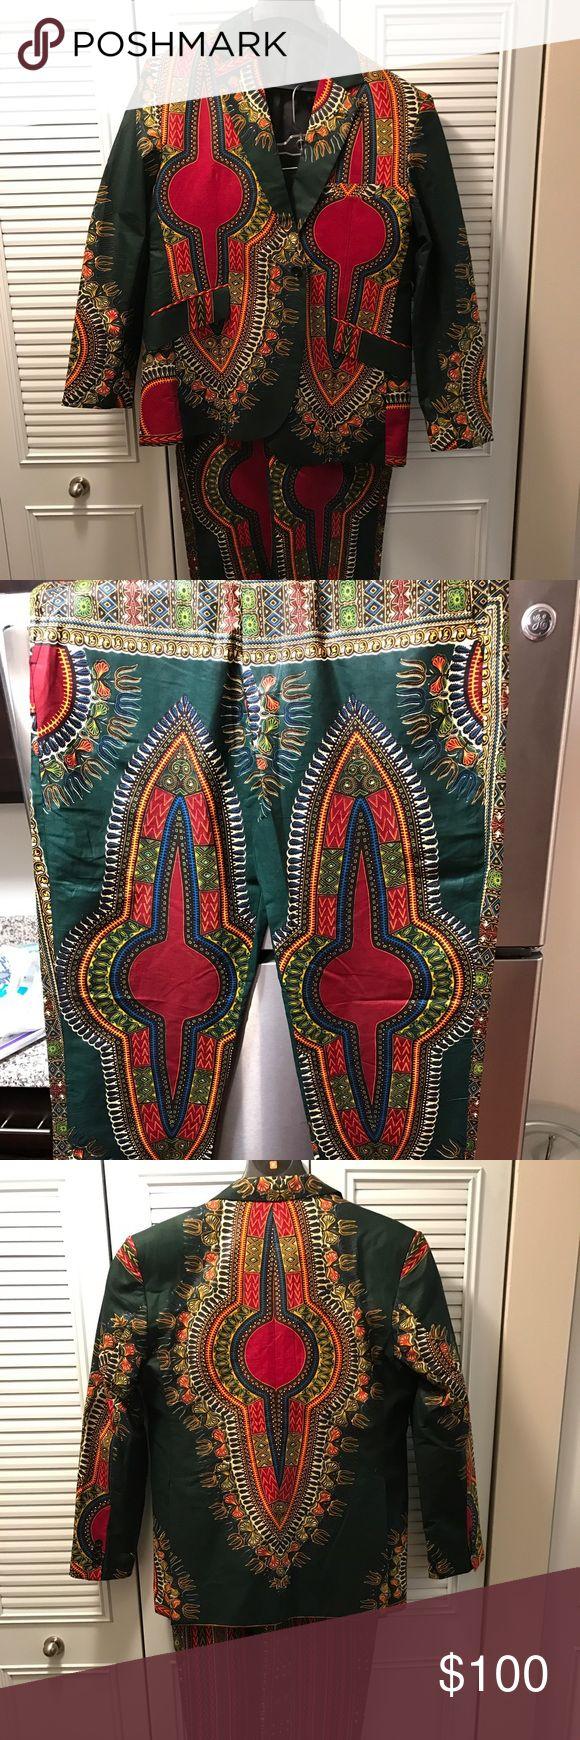 Men's Slim Fit Suit - African Print Men's Custom African Print Suit - Slim Fit - Size 48R - Never Worn - Euro Cut Suits & Blazers Suits